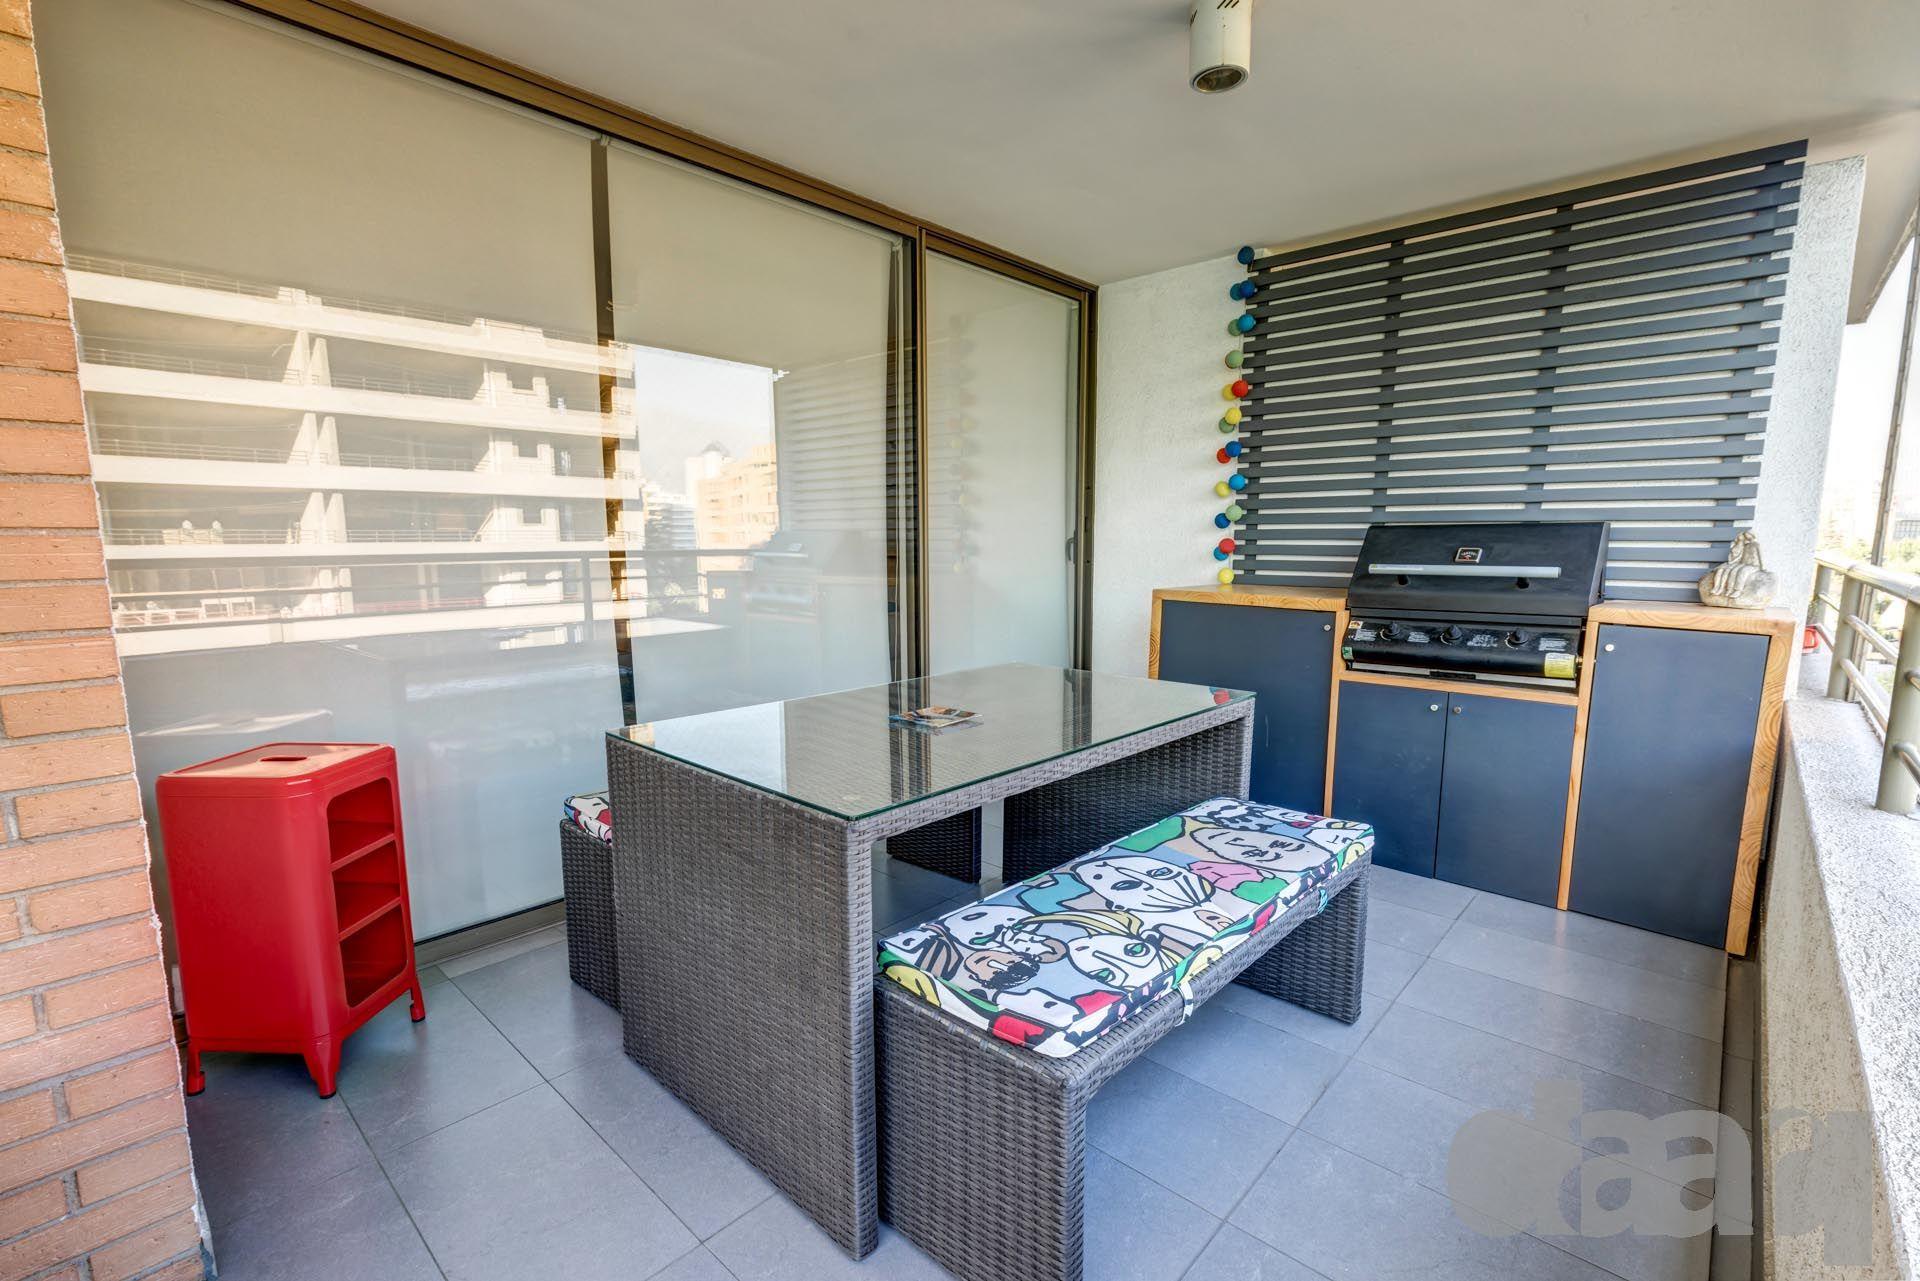 Quincho Terraza Departamento Las Nieves Arquitectura Muebles  # Muebles Oasis Caseros